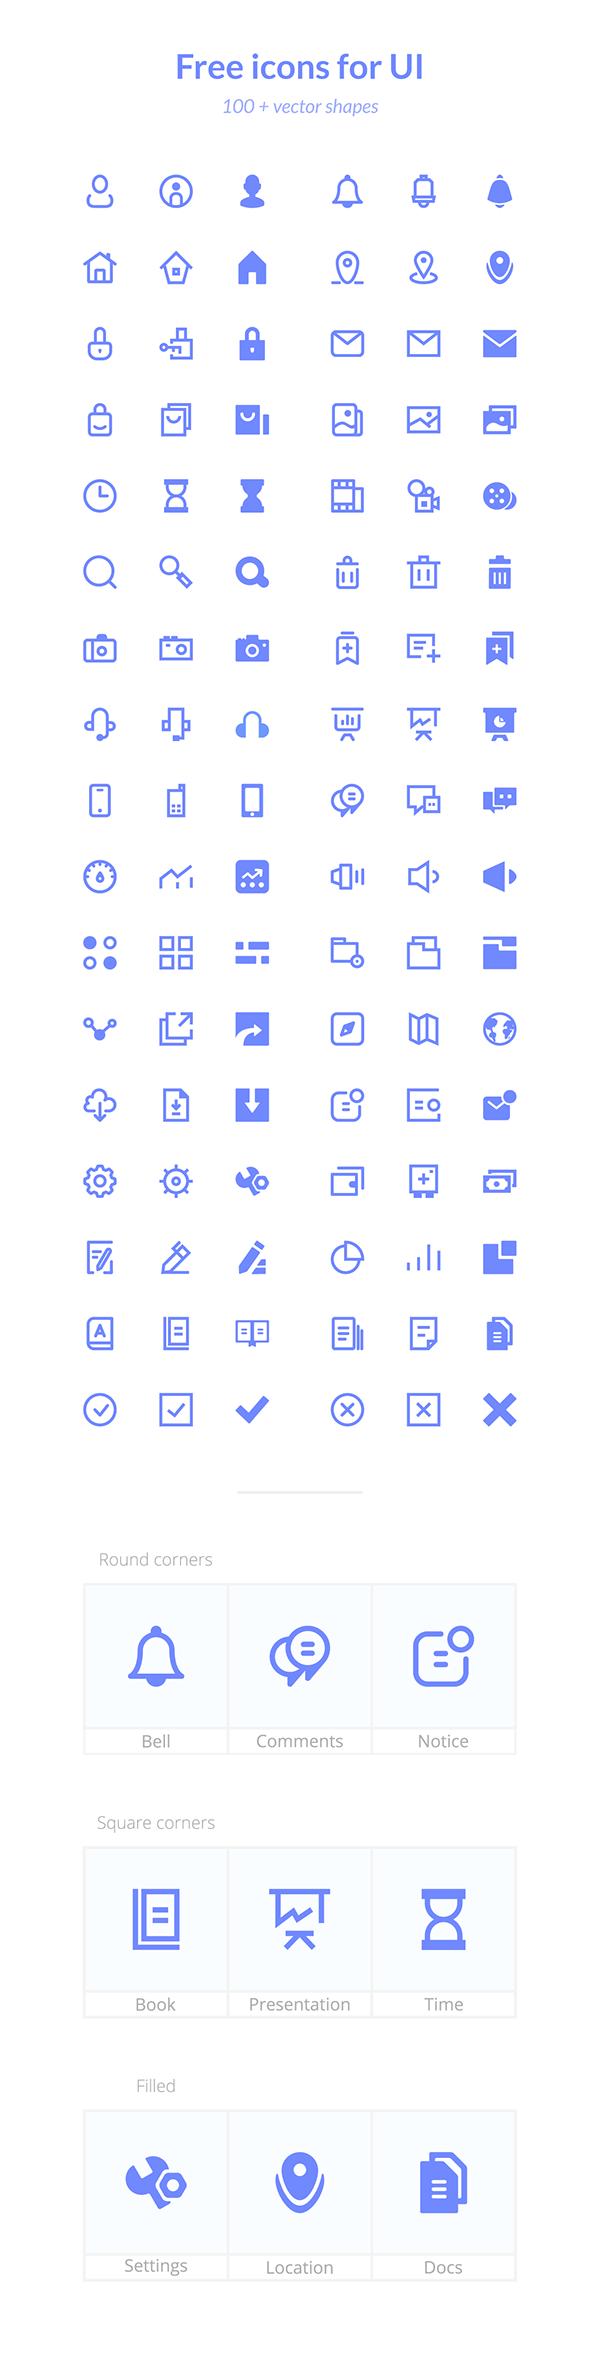 100 가지 이상의 무료 UI 벡터 아이콘 - 100+ Free Vector Icons For UI